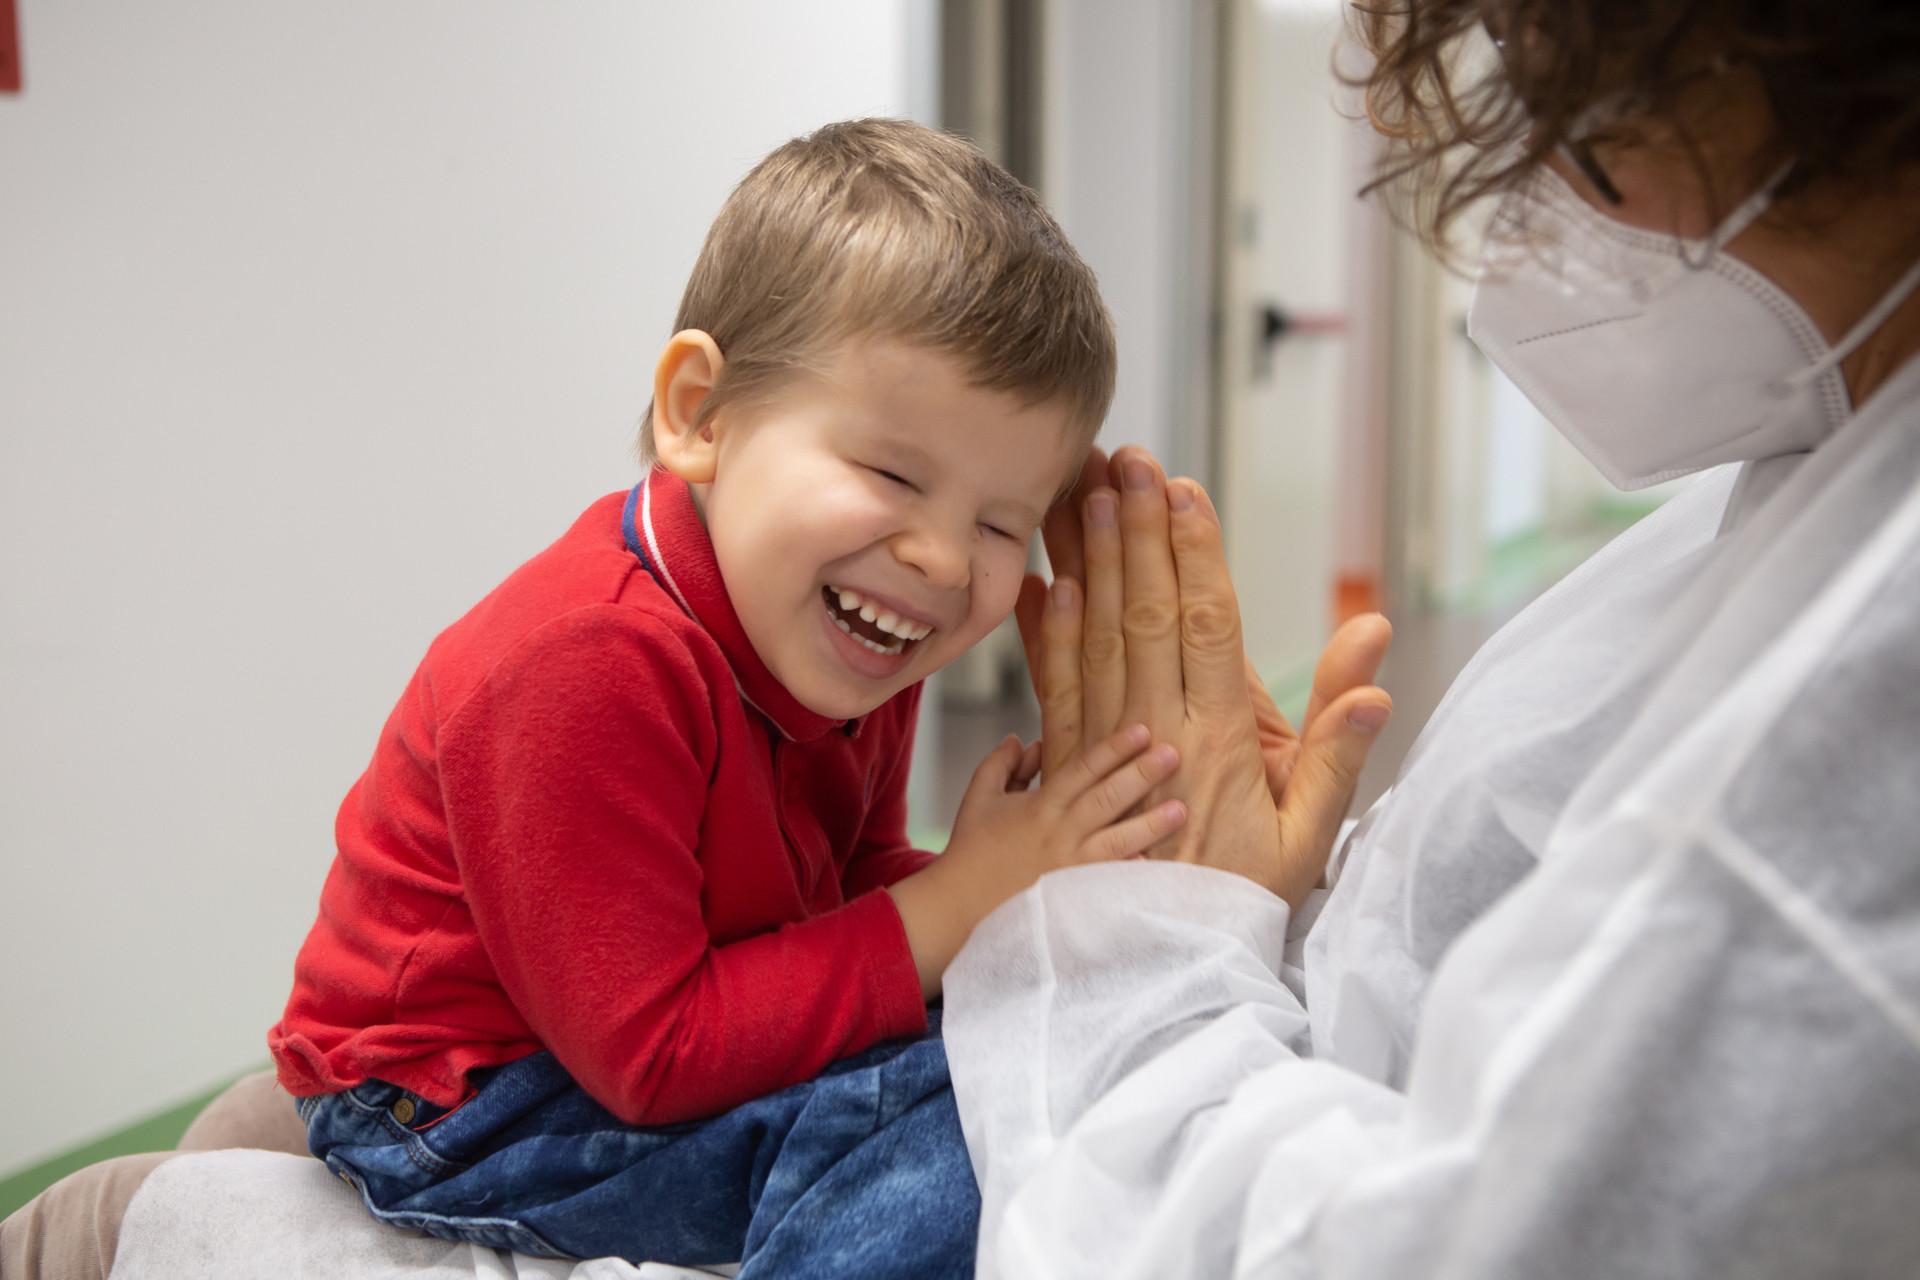 Matteo, piccolo utente del Centro Diagnostico, ride in braccio alla sua educatrice che batte le mani e gioca con lui. L'educatrice indossa camice monouso e mascherina chirurgica